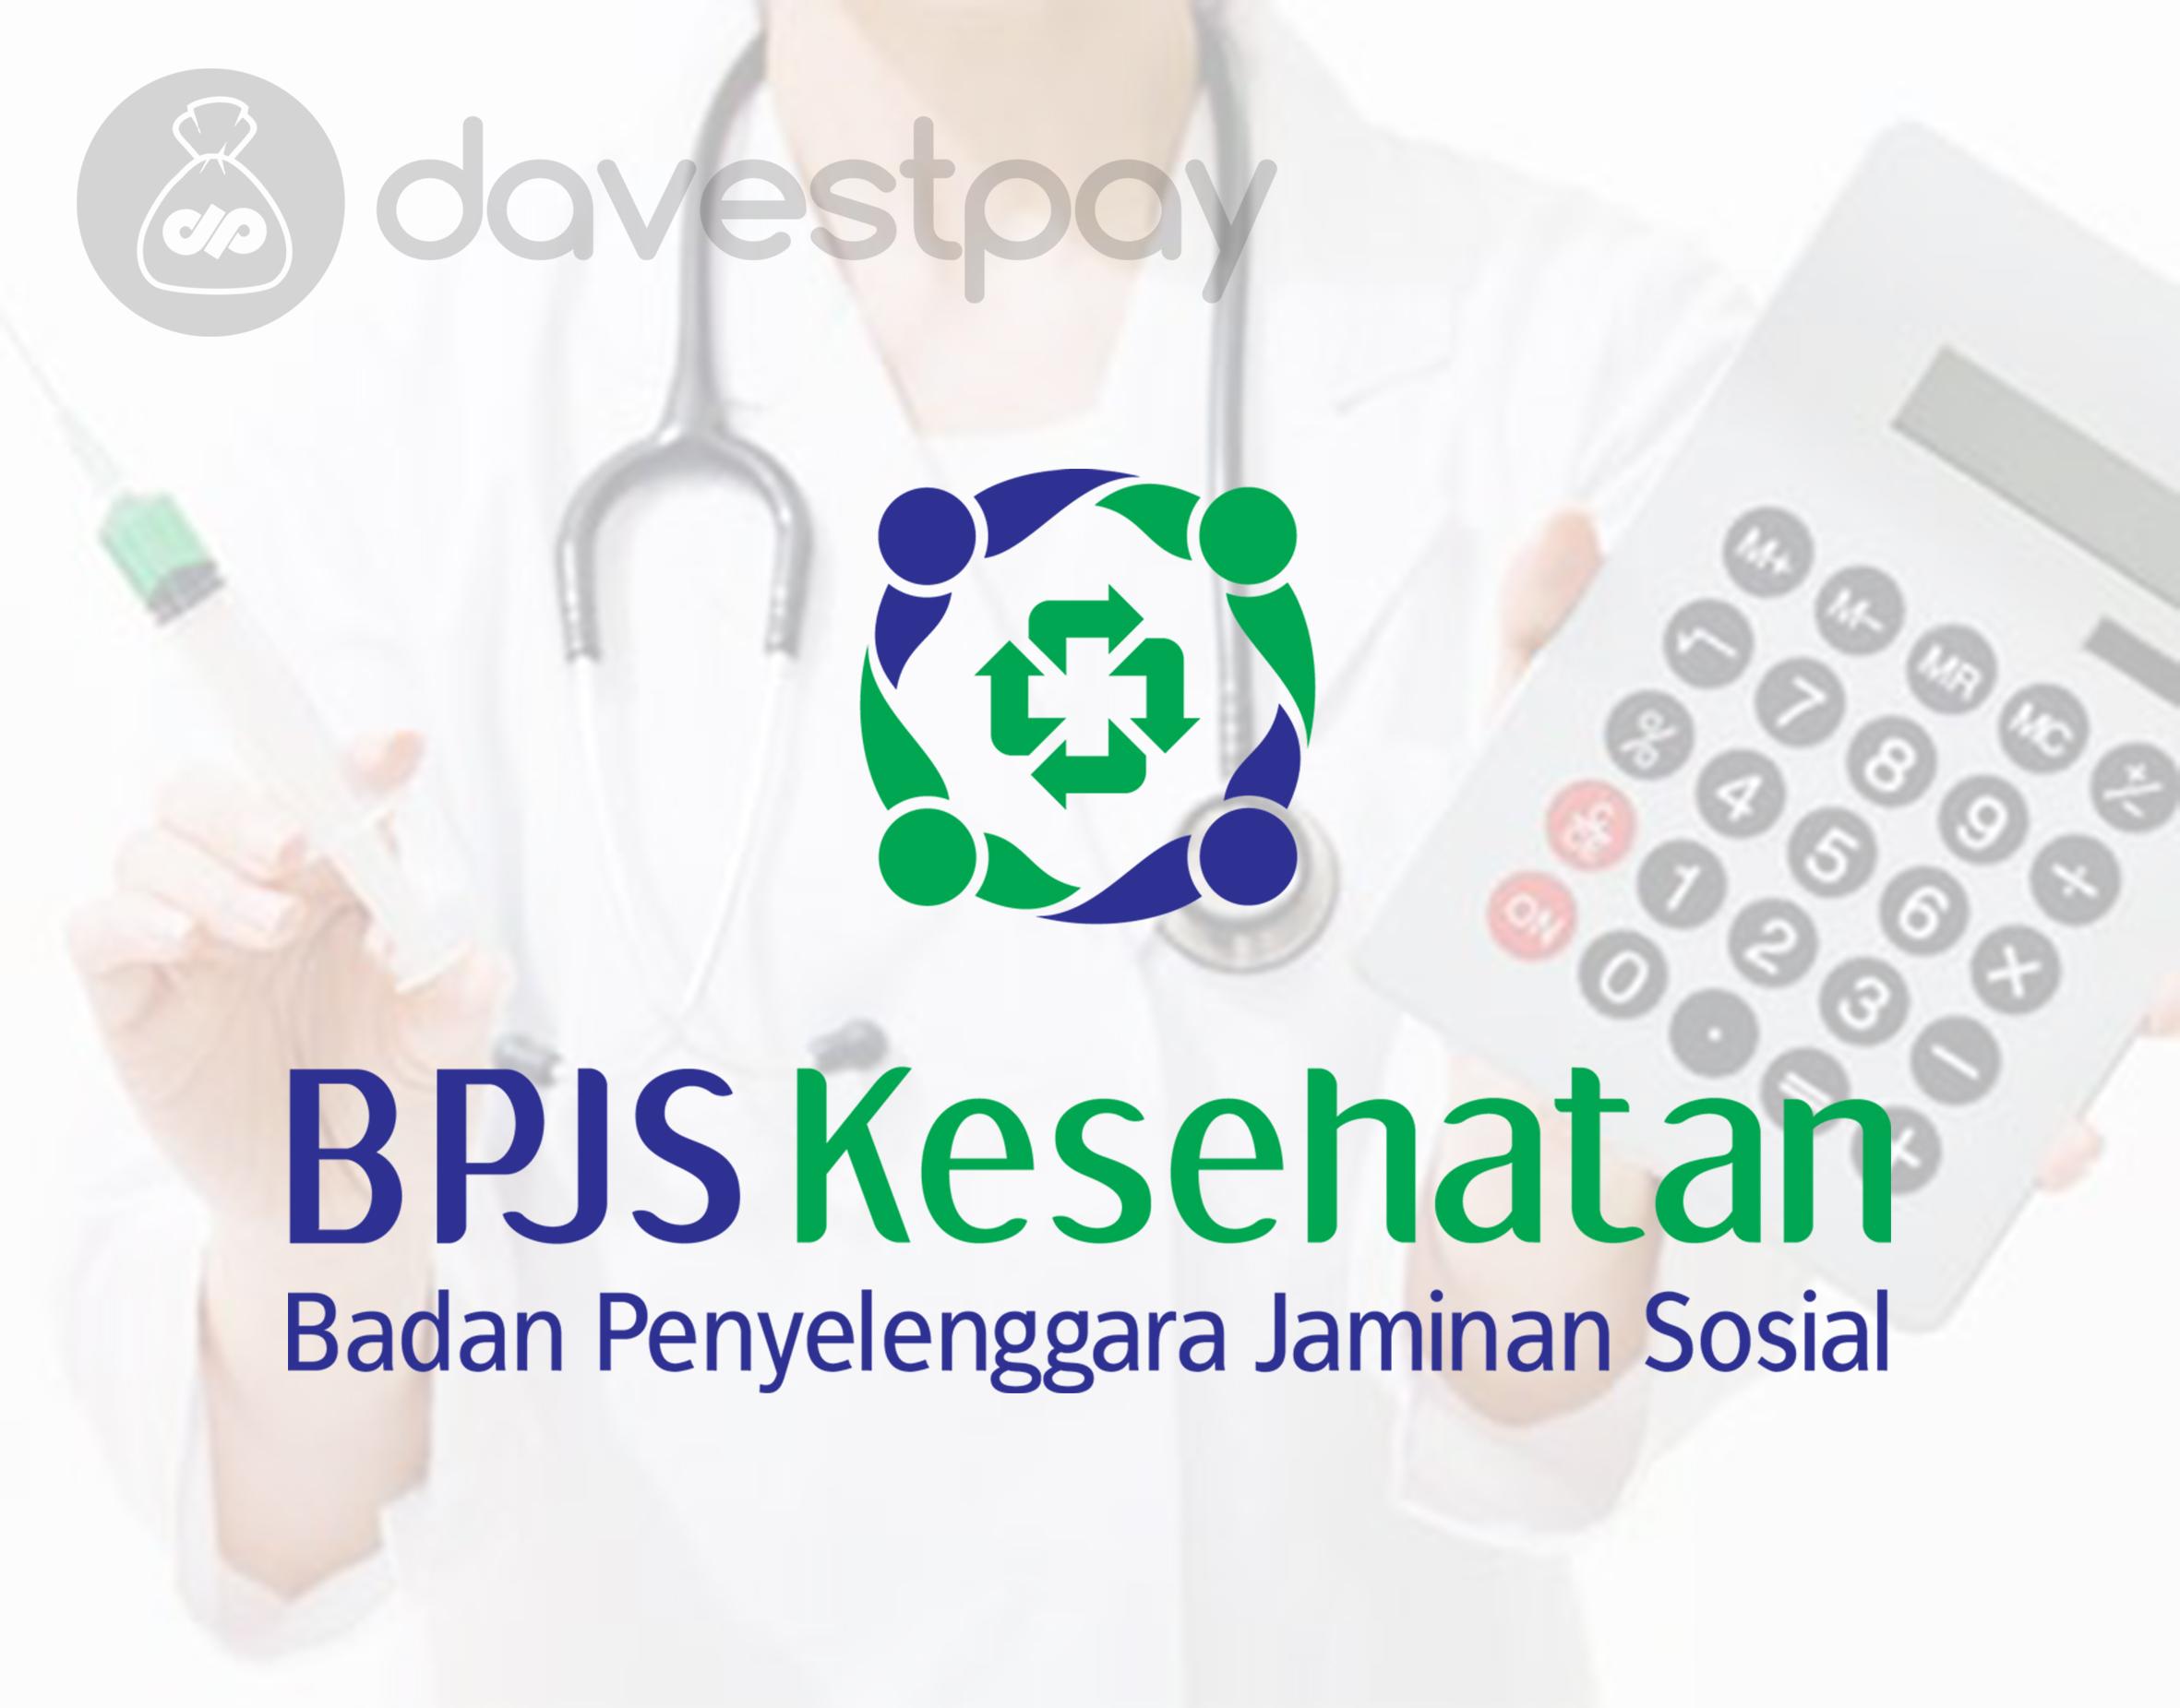 Deretan Penyakit Berbahaya yang Terlindung BPJS